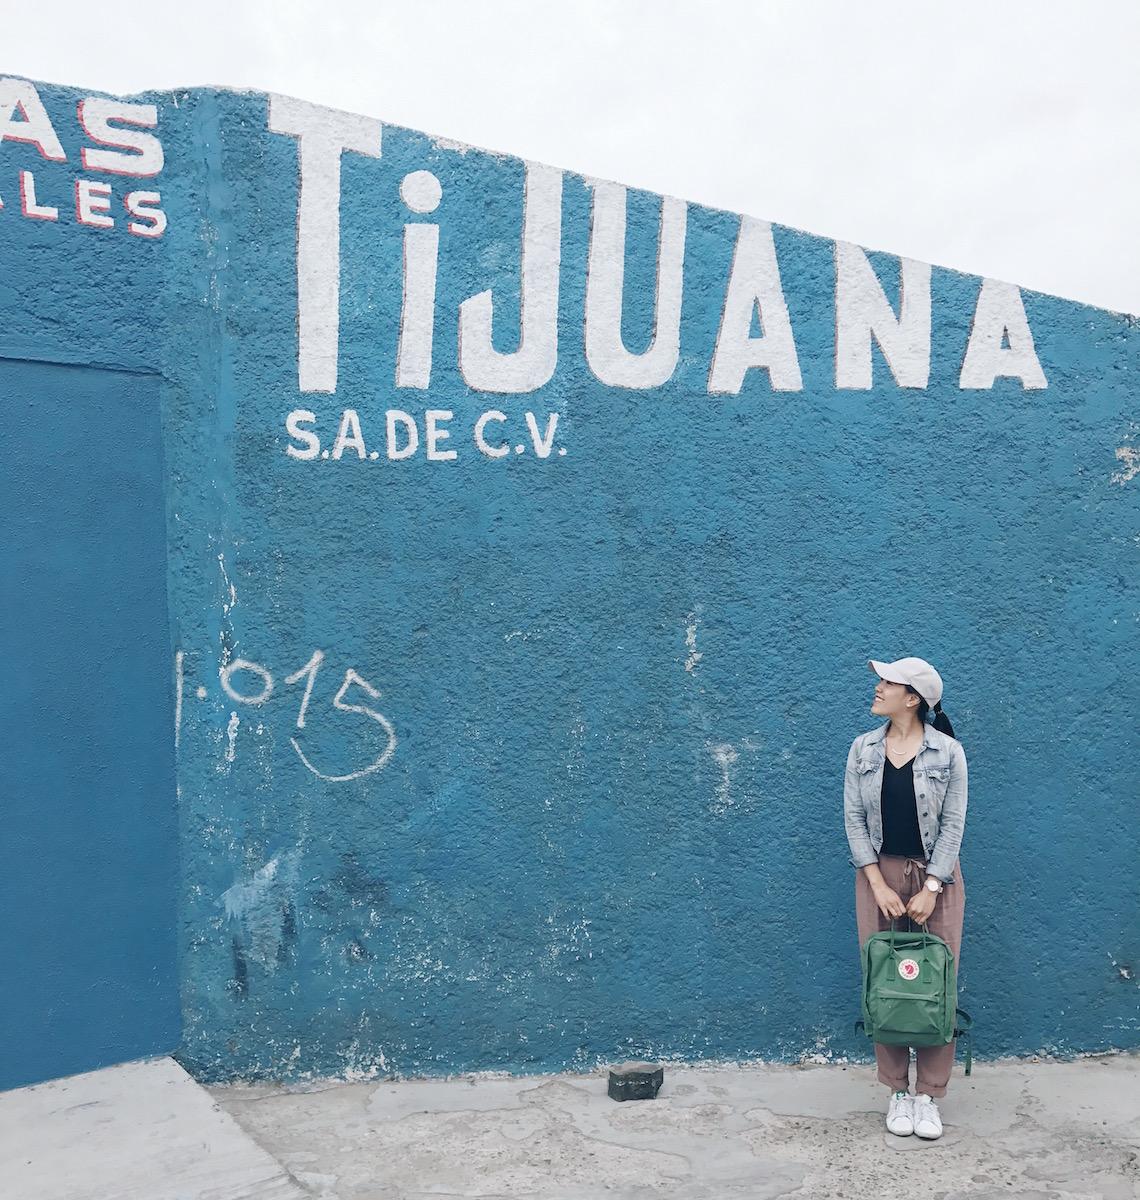 San Diego - Tijuana Daytrip